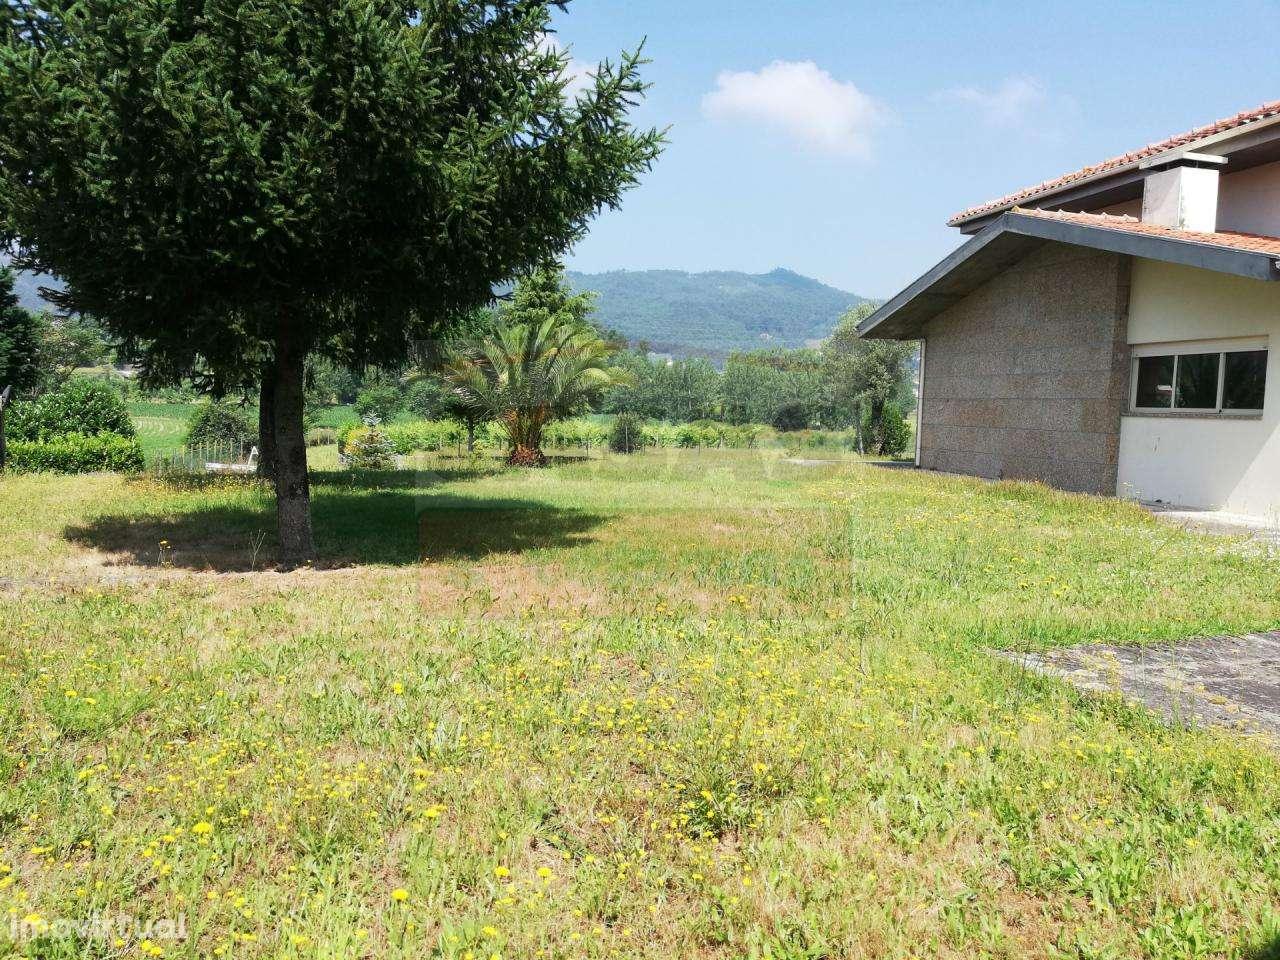 Quintas e herdades para comprar, Sande Vila Nova e Sande São Clemente, Guimarães, Braga - Foto 60